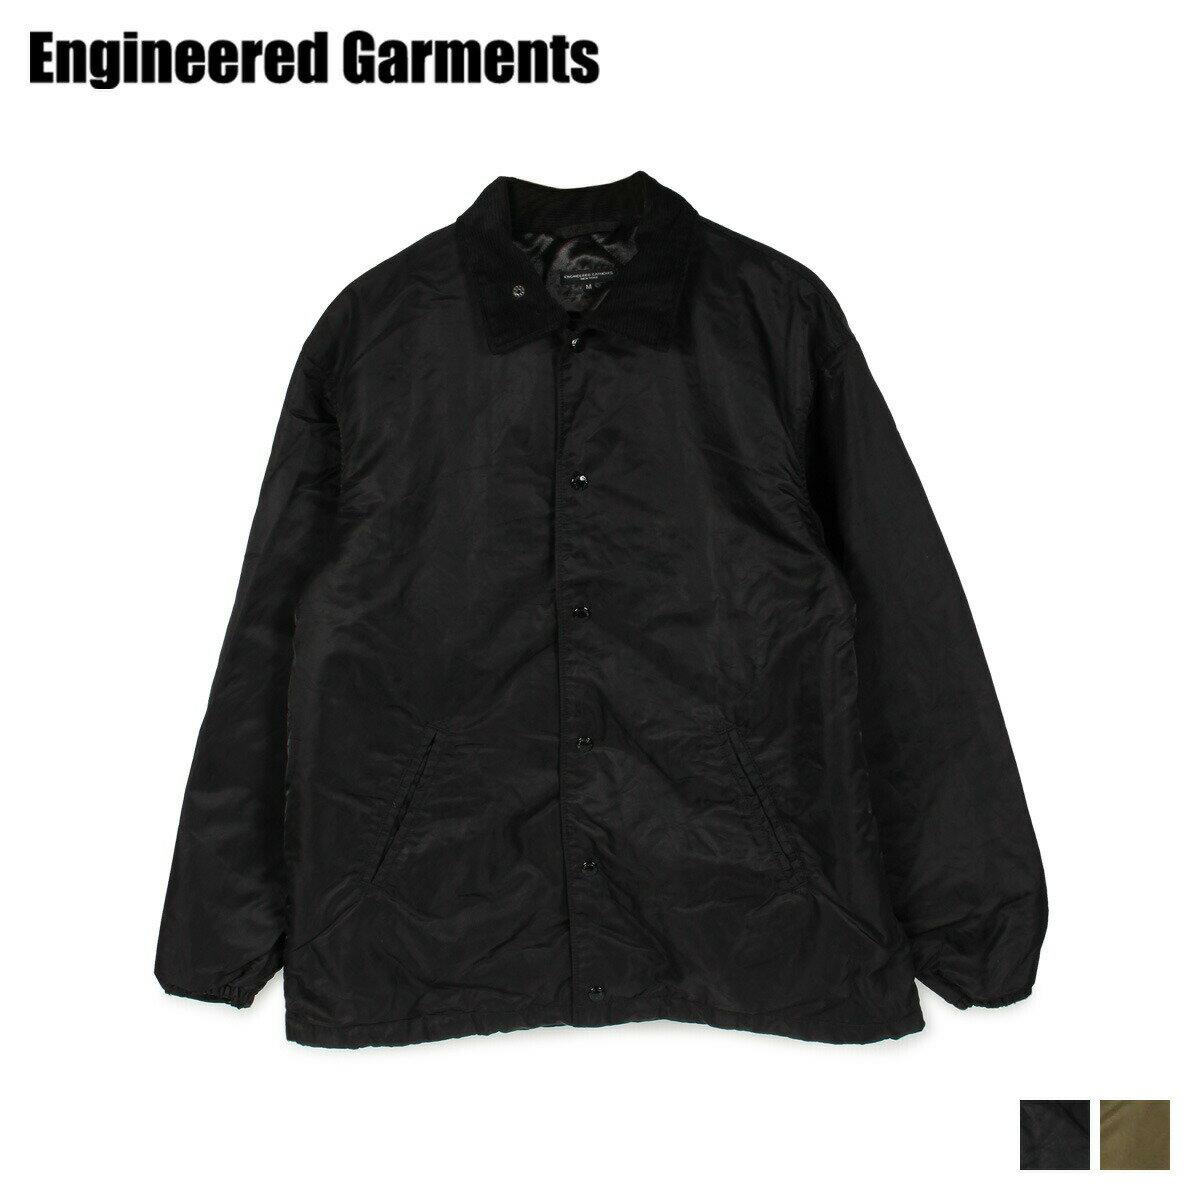 メンズファッション, コート・ジャケット  ENGINEERED GARMENTS GROUND JACKET 19FD017